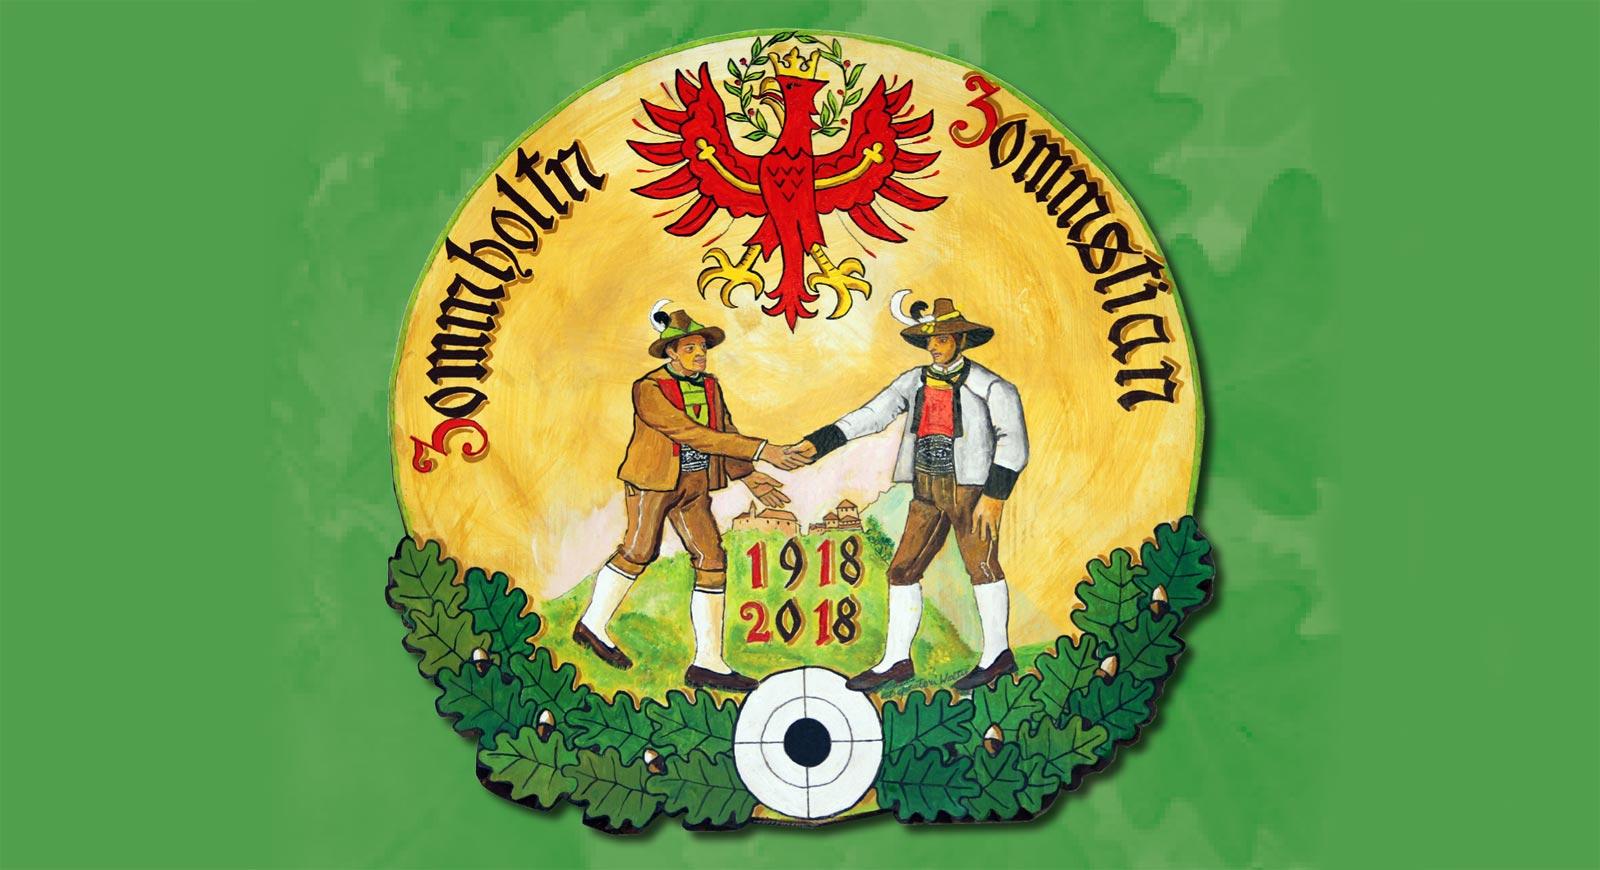 Tiroler Gedenkschießen 1918/2018 abgeschlossen – Preisverteilung am 20. Oktober